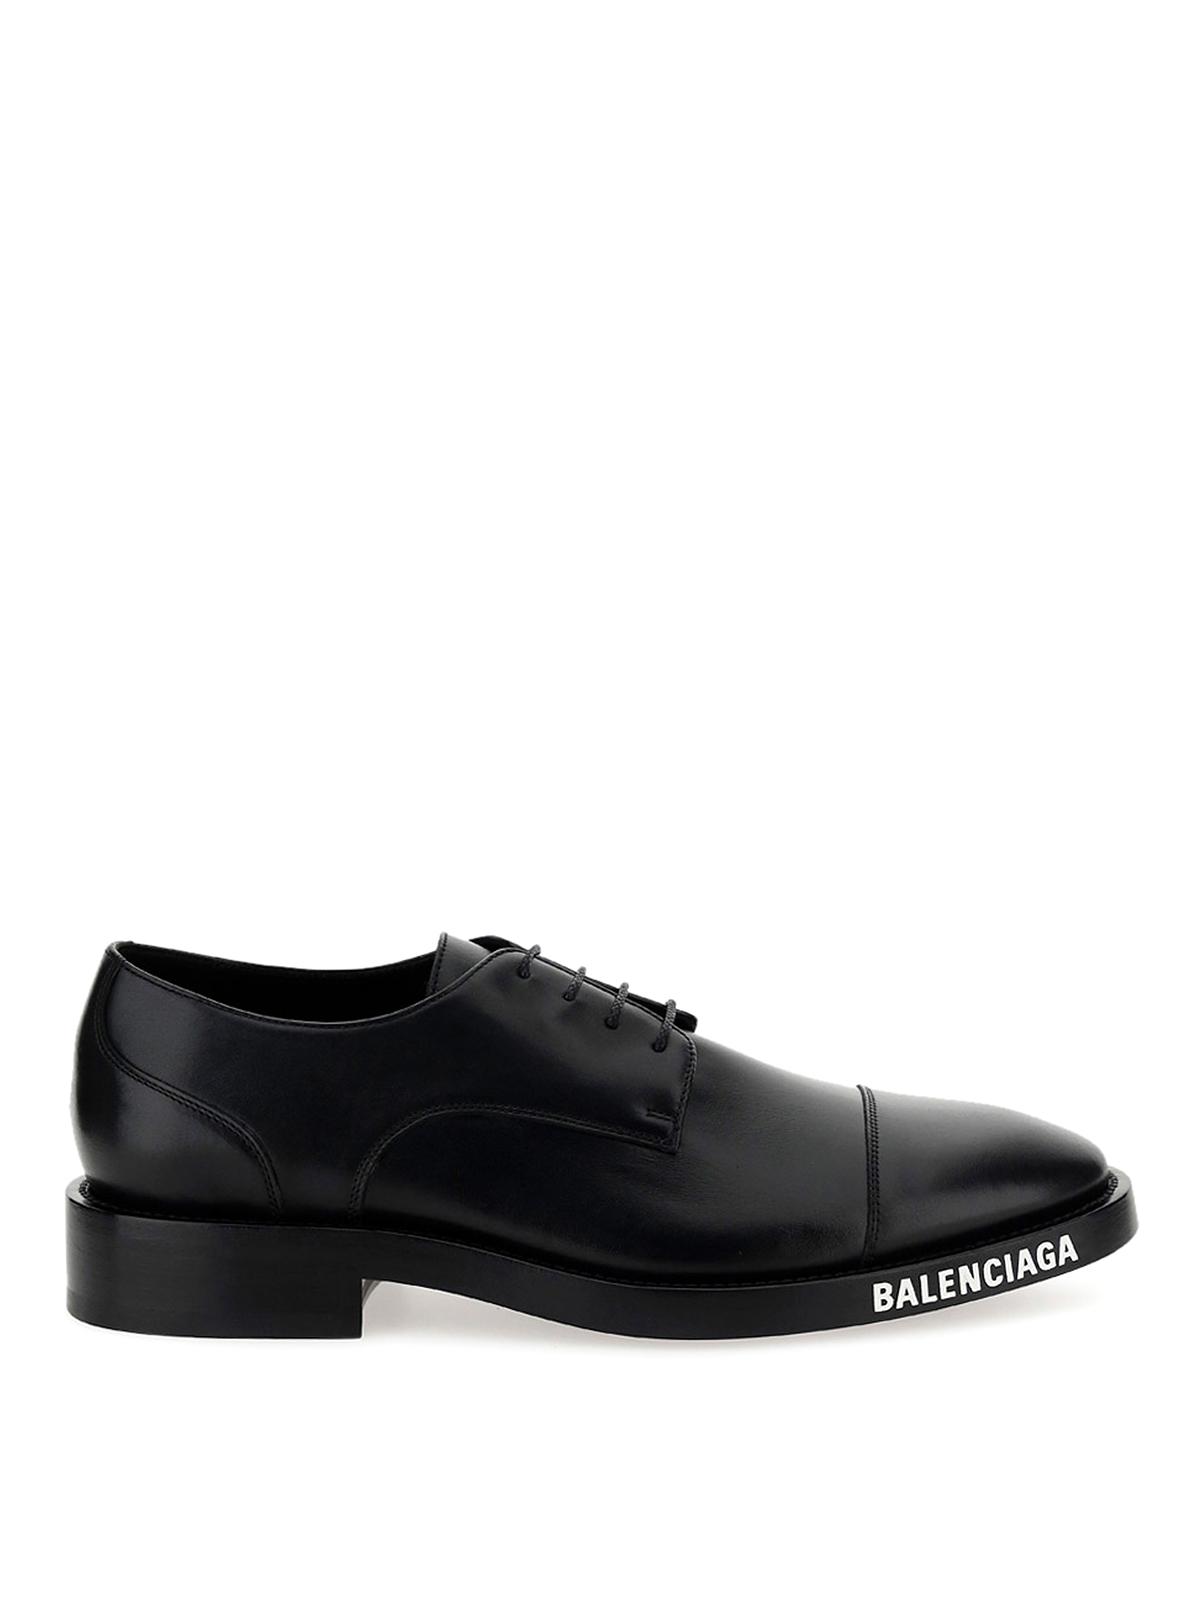 Balenciaga CALFSKIN DERBY SHOES